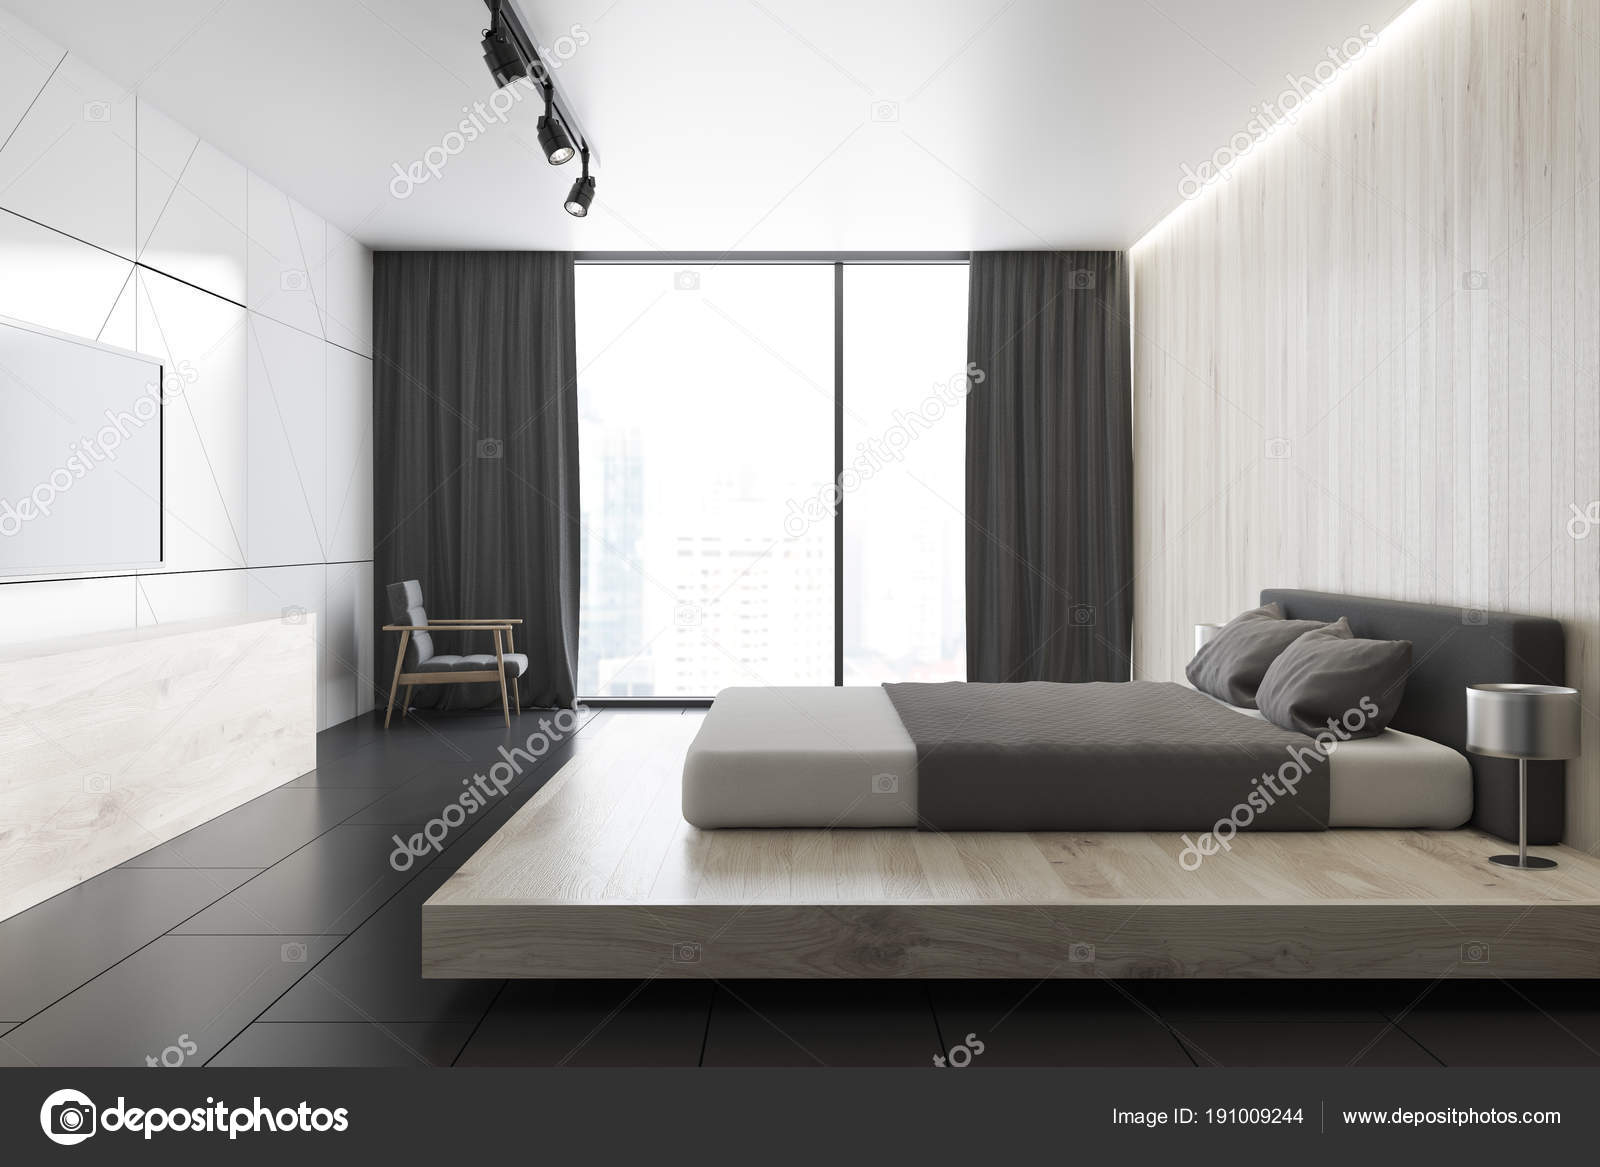 Sympathisch Fernseher Für Schlafzimmer Galerie Von Weiße Loft-schlafzimmer Mit Fernseher, Eine Seitenansicht —